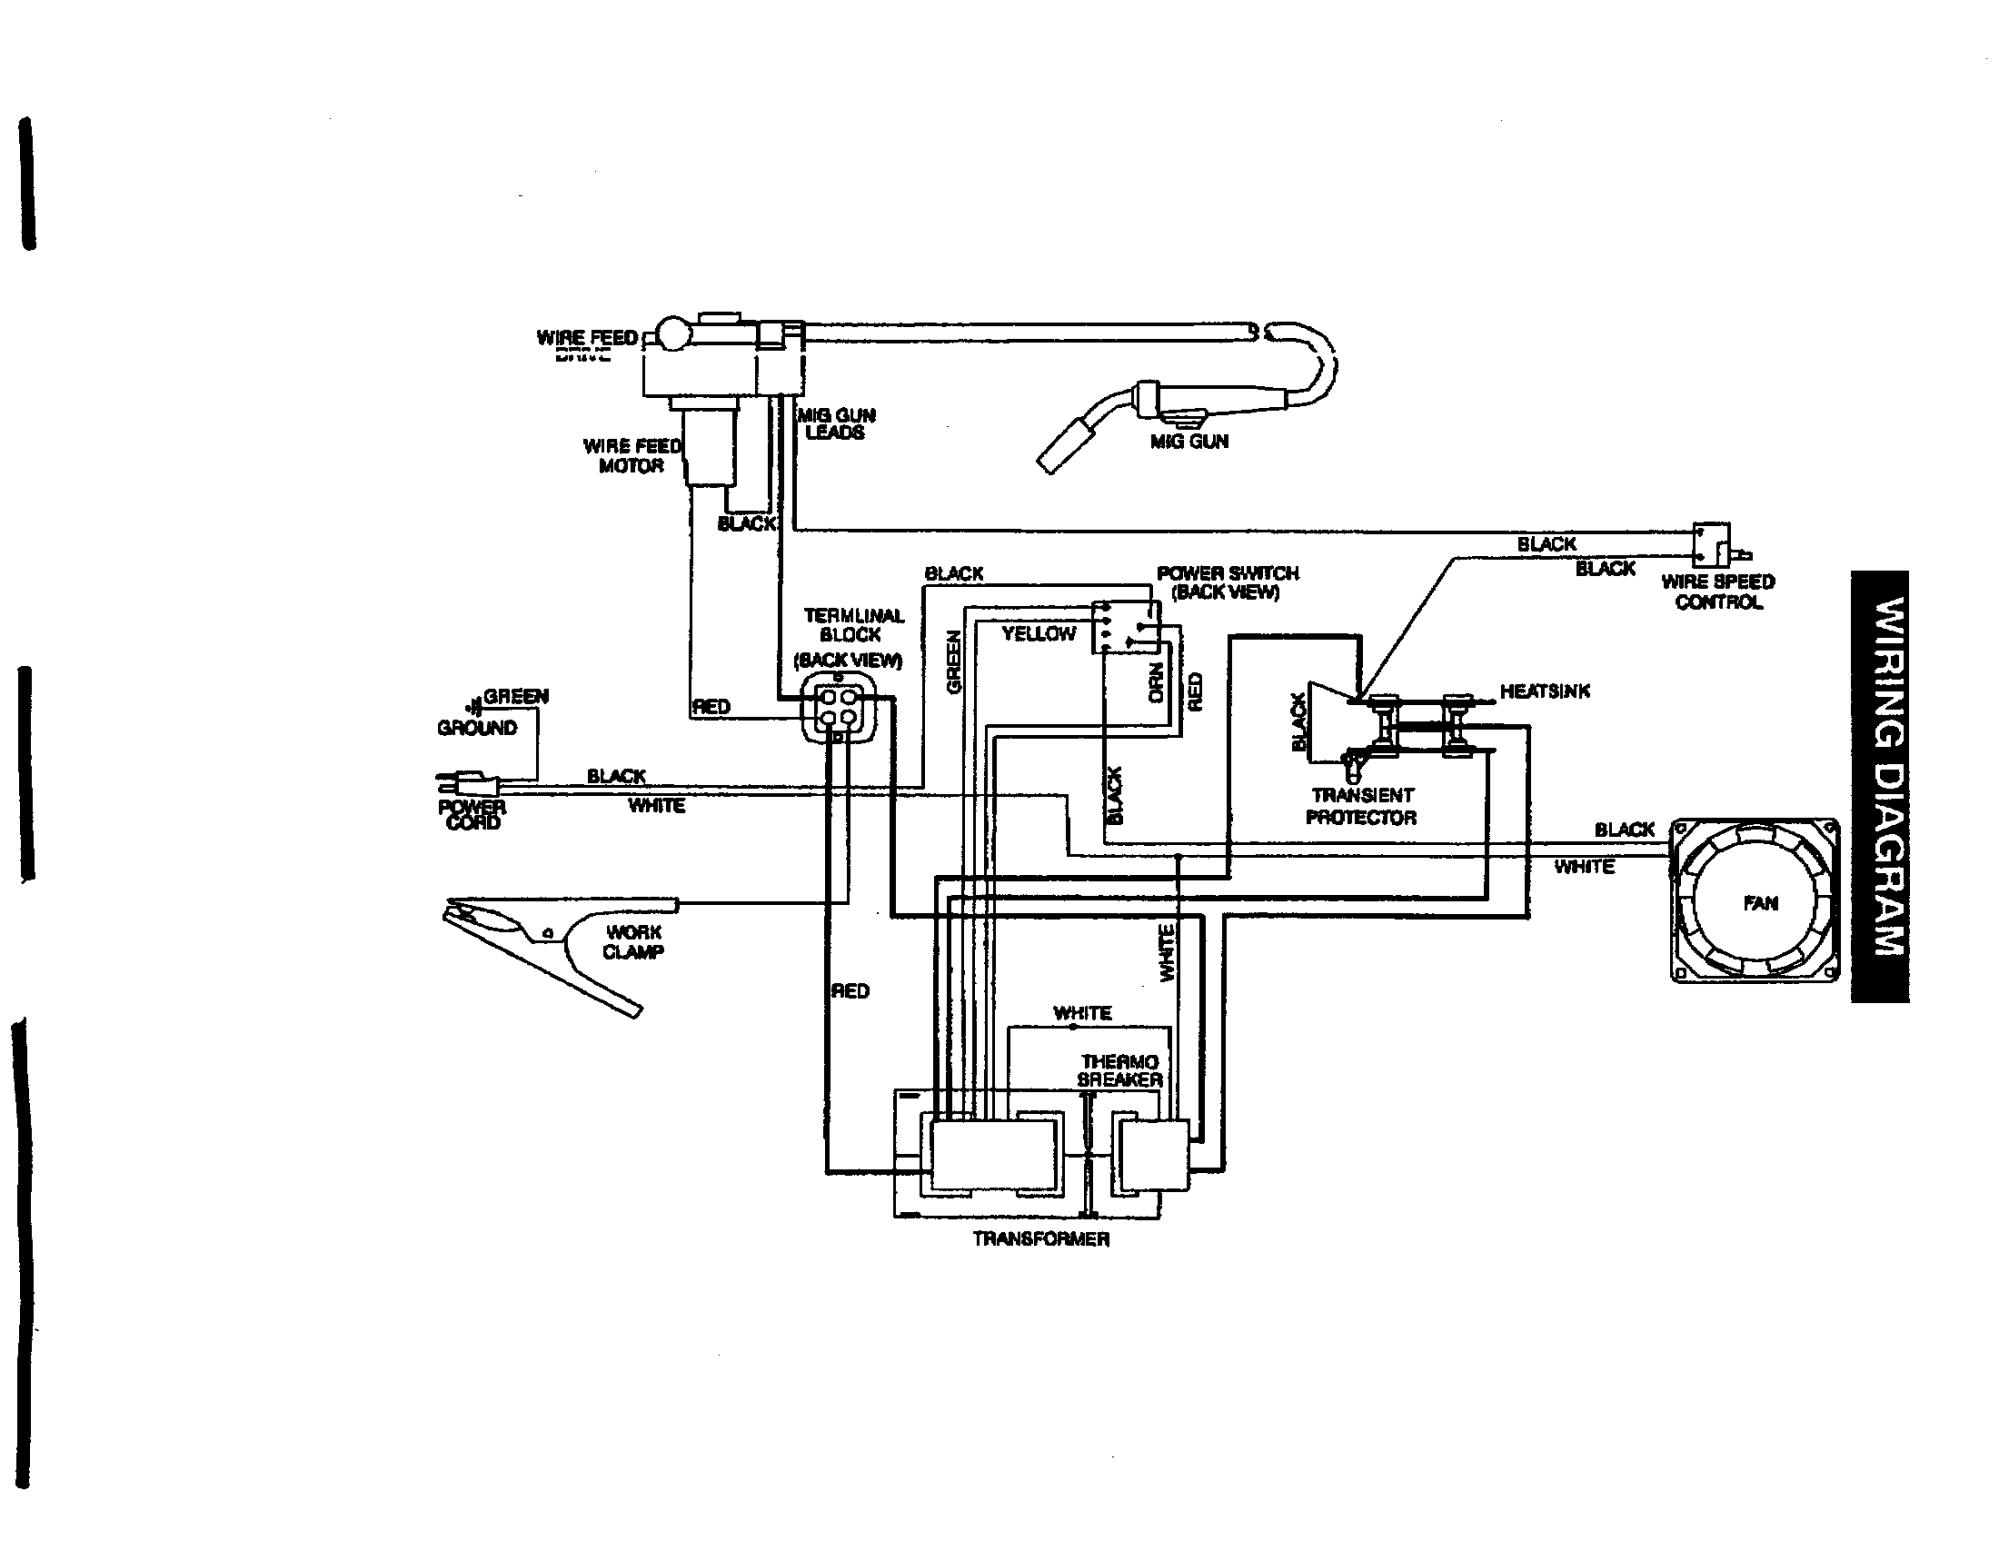 hight resolution of welder wiring schematic wiring diagram datwelder wiring diagram wiring diagram page lincoln welder wiring schematic welder